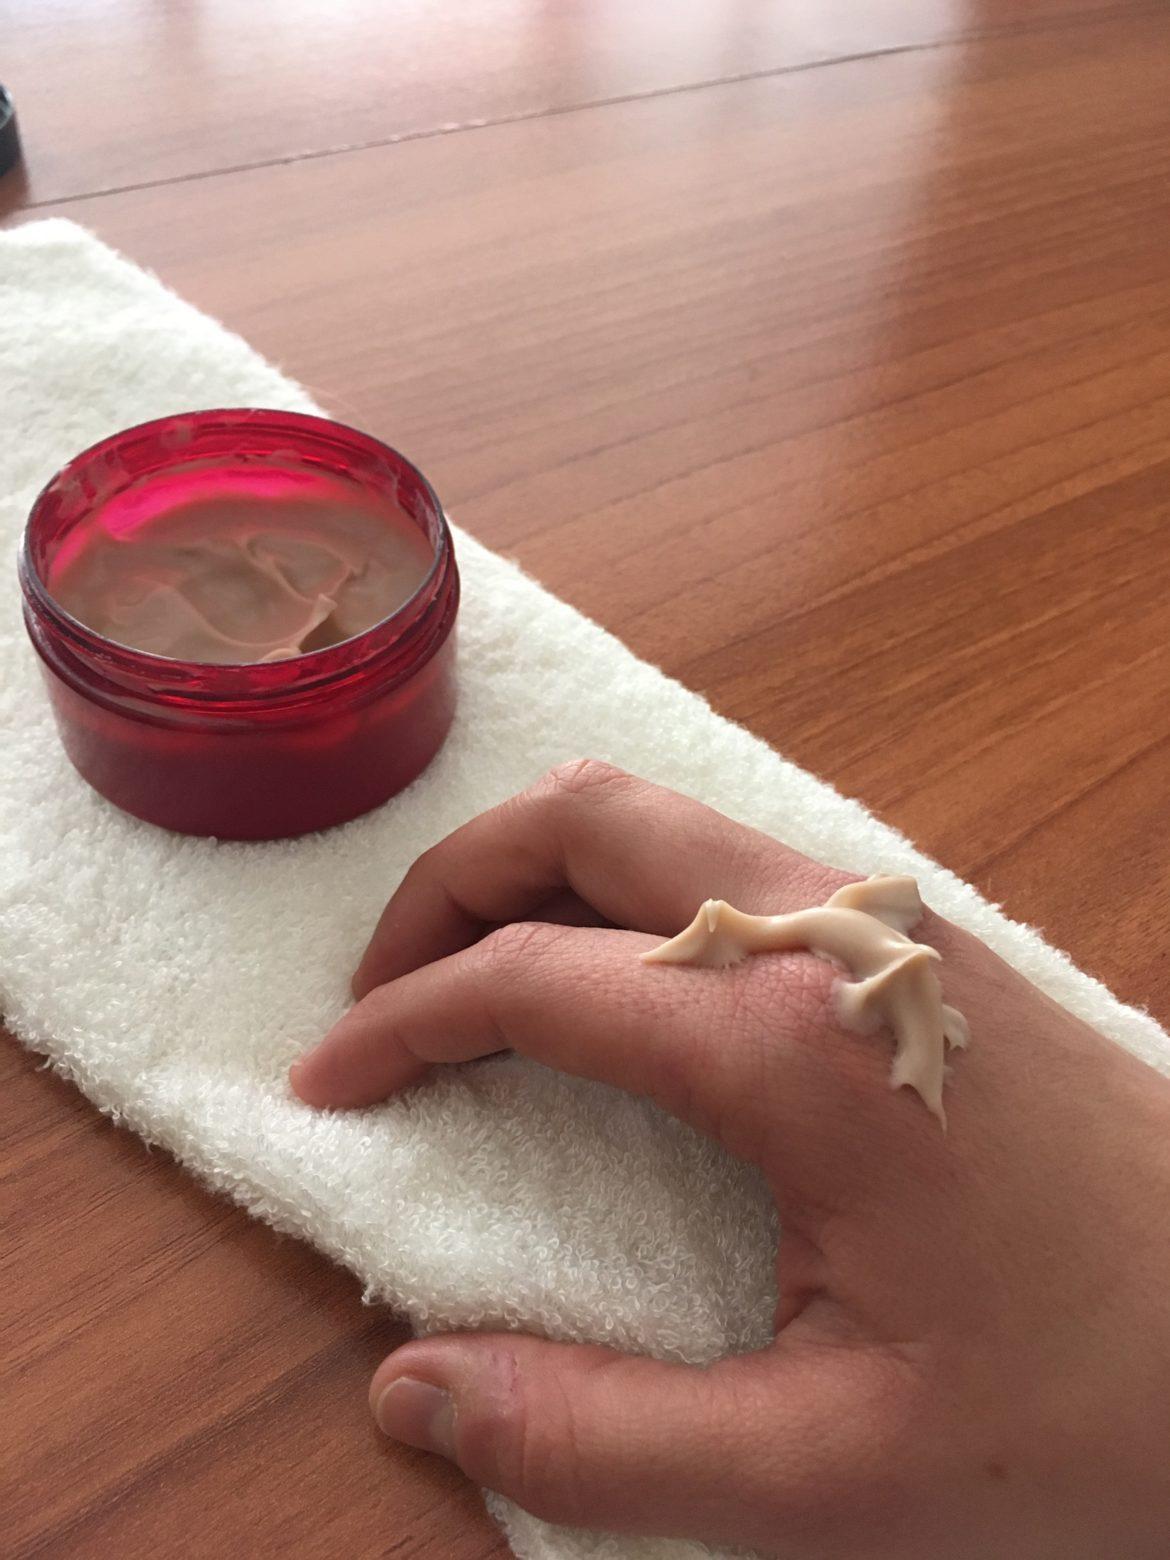 Noix de crème couleur chocolat sur le dos d'une main